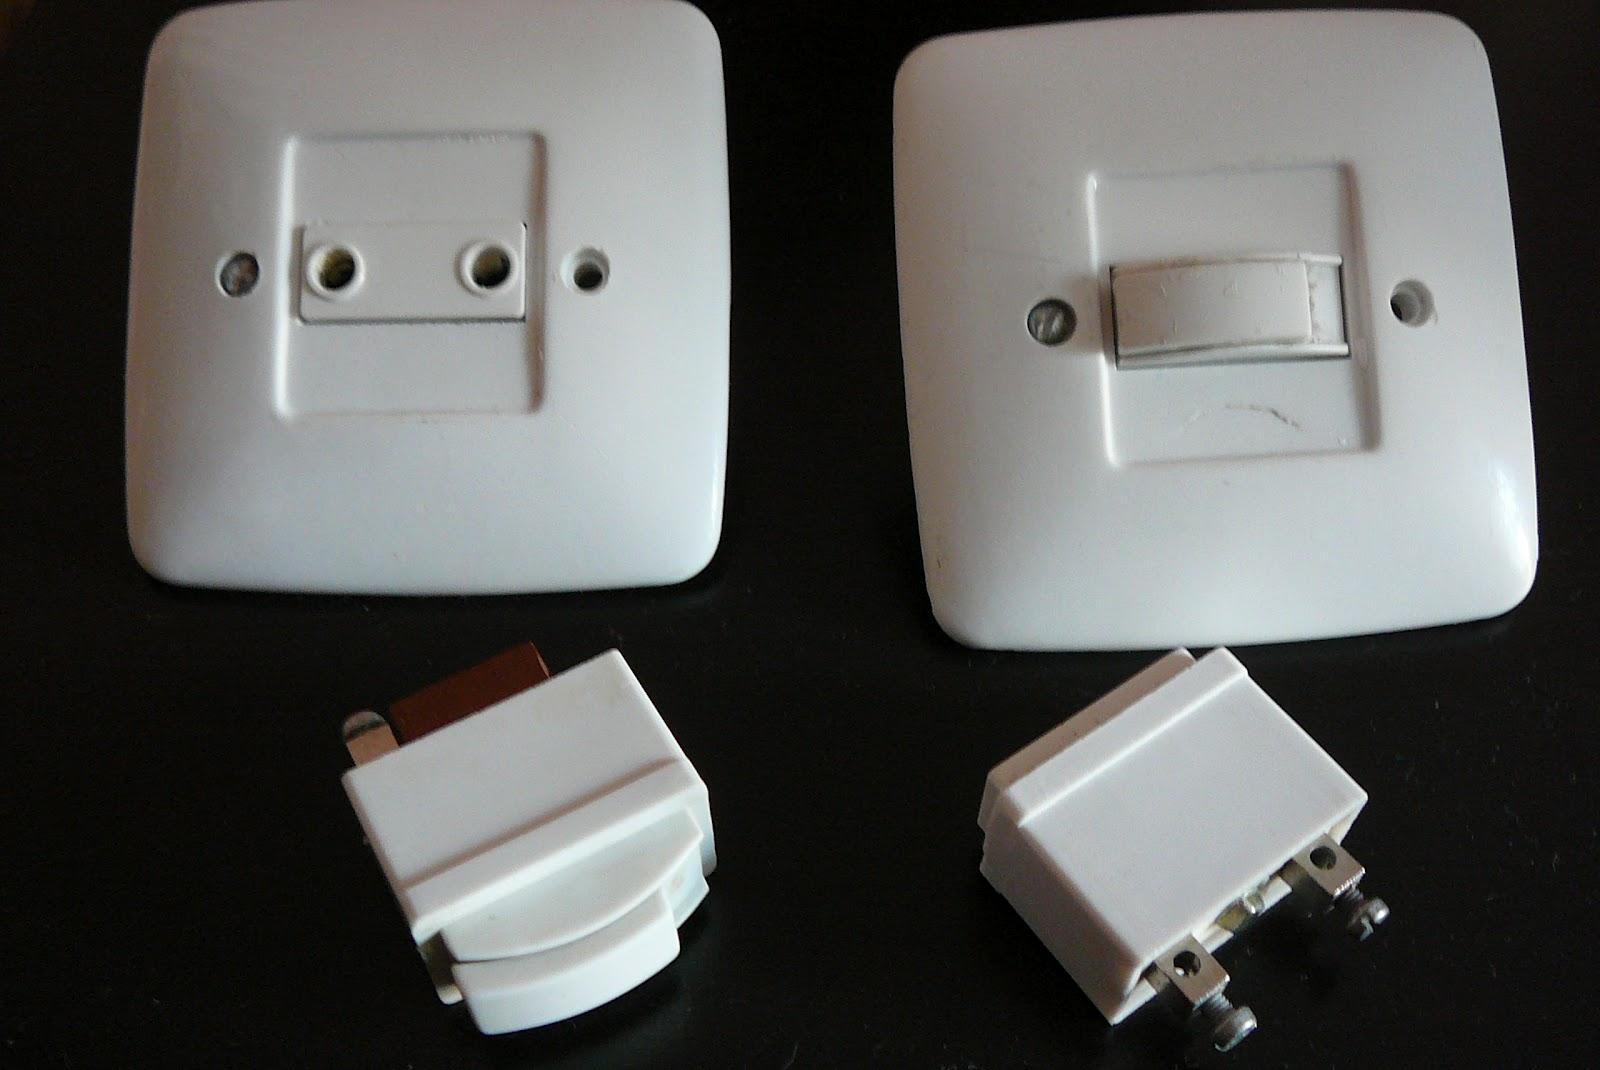 Antig edades urbanas mecanismos el ctricos i - Modelos de interruptores de luz ...